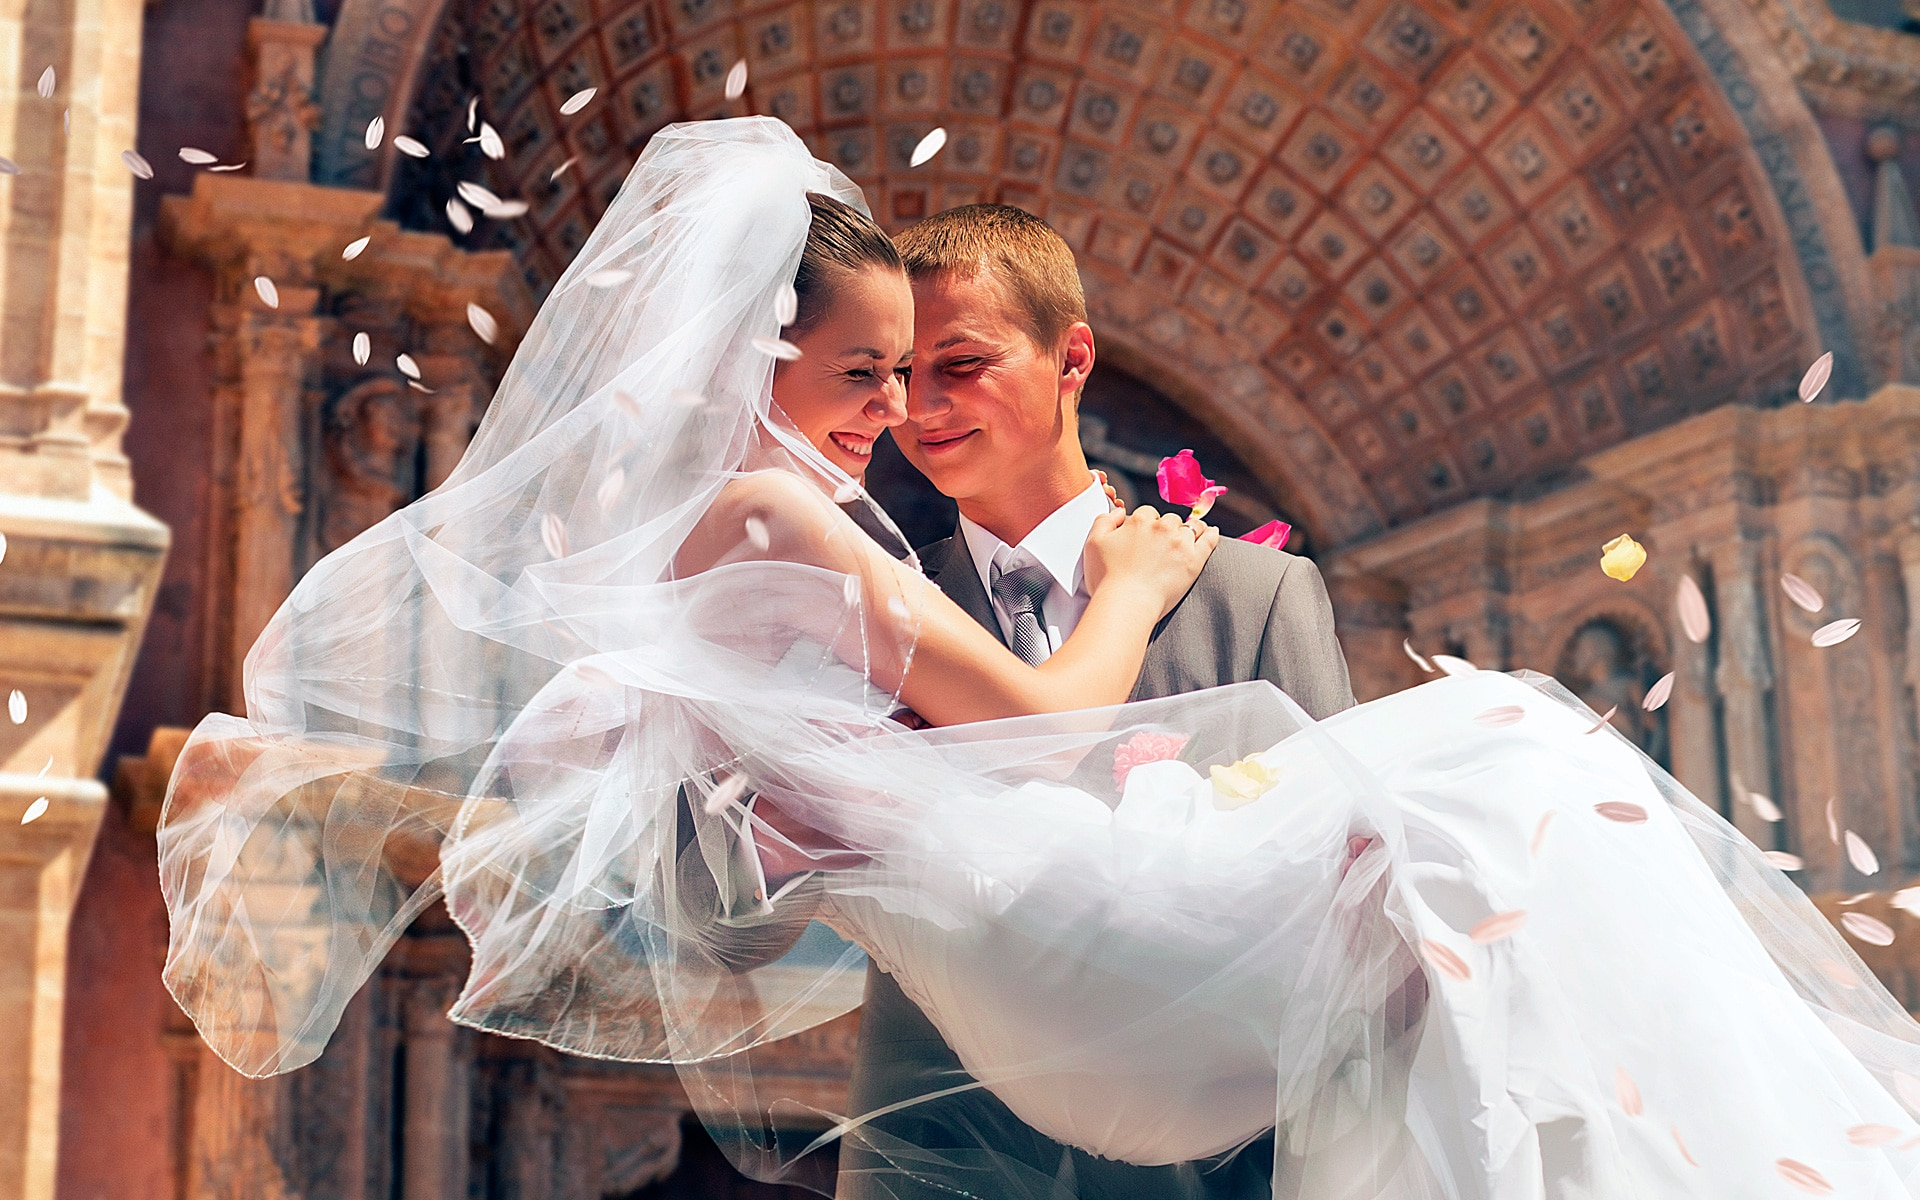 Tradizioni Matrimonio Toscana : Matrimonio romantico in toscana nella splendida val d orcia